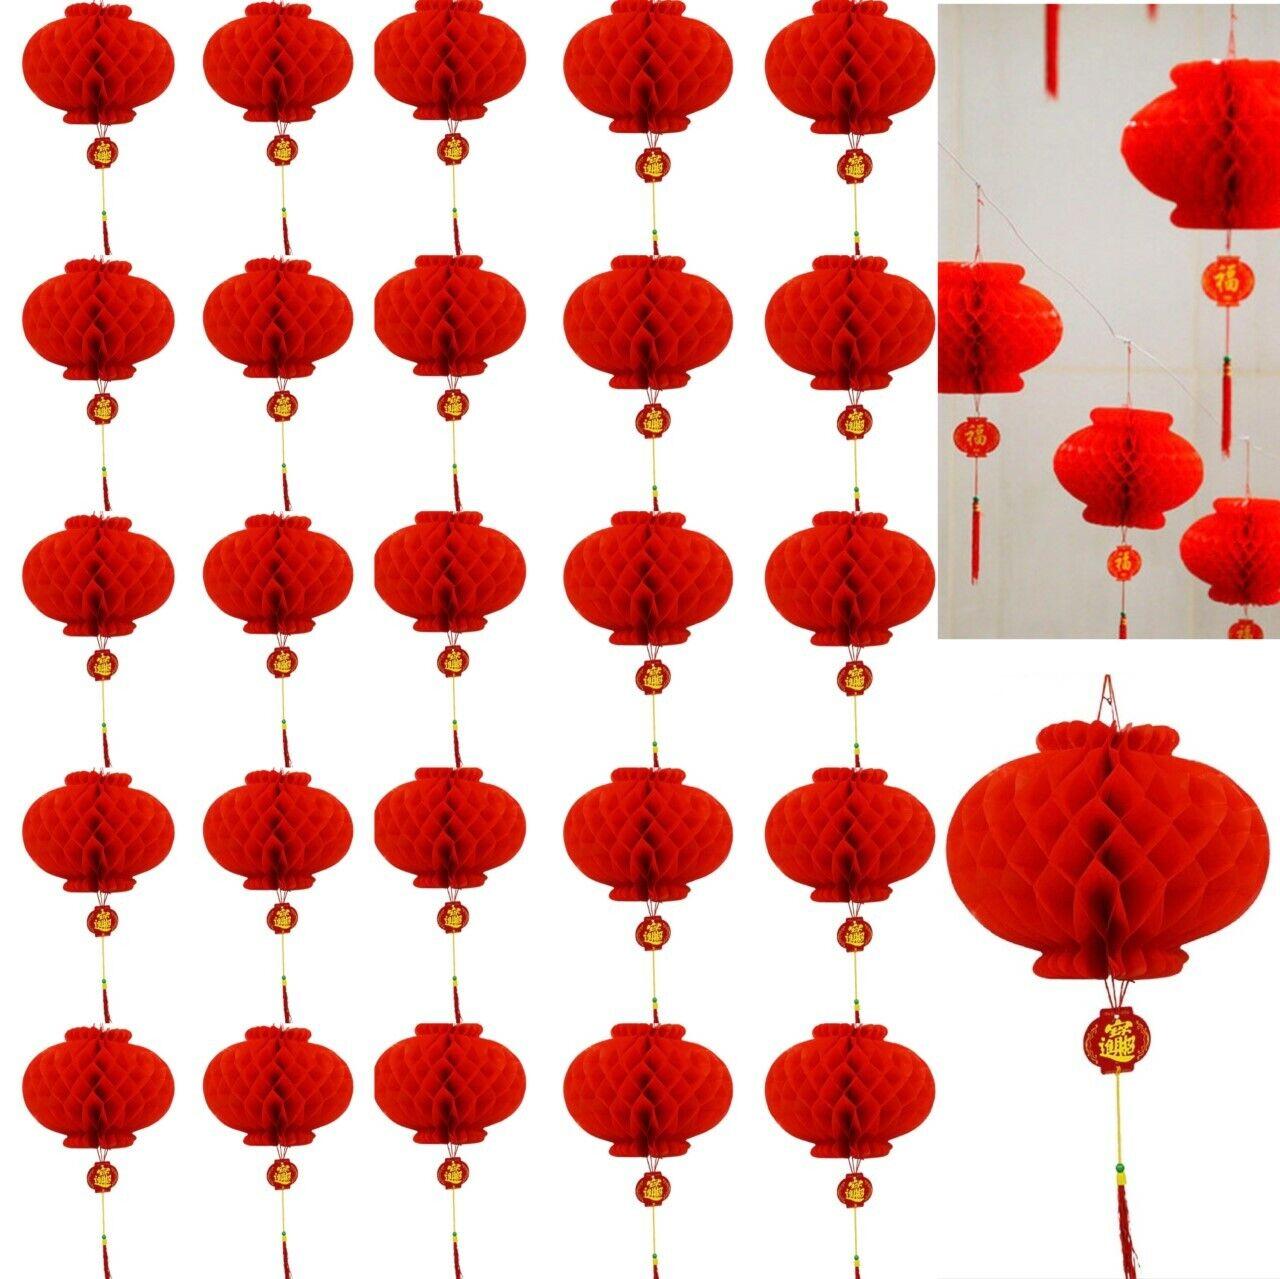 20 X oro rojo Año Nuevo Chino linternas de papel 15cm Decoraciones Mega Valor Set Reino Unido